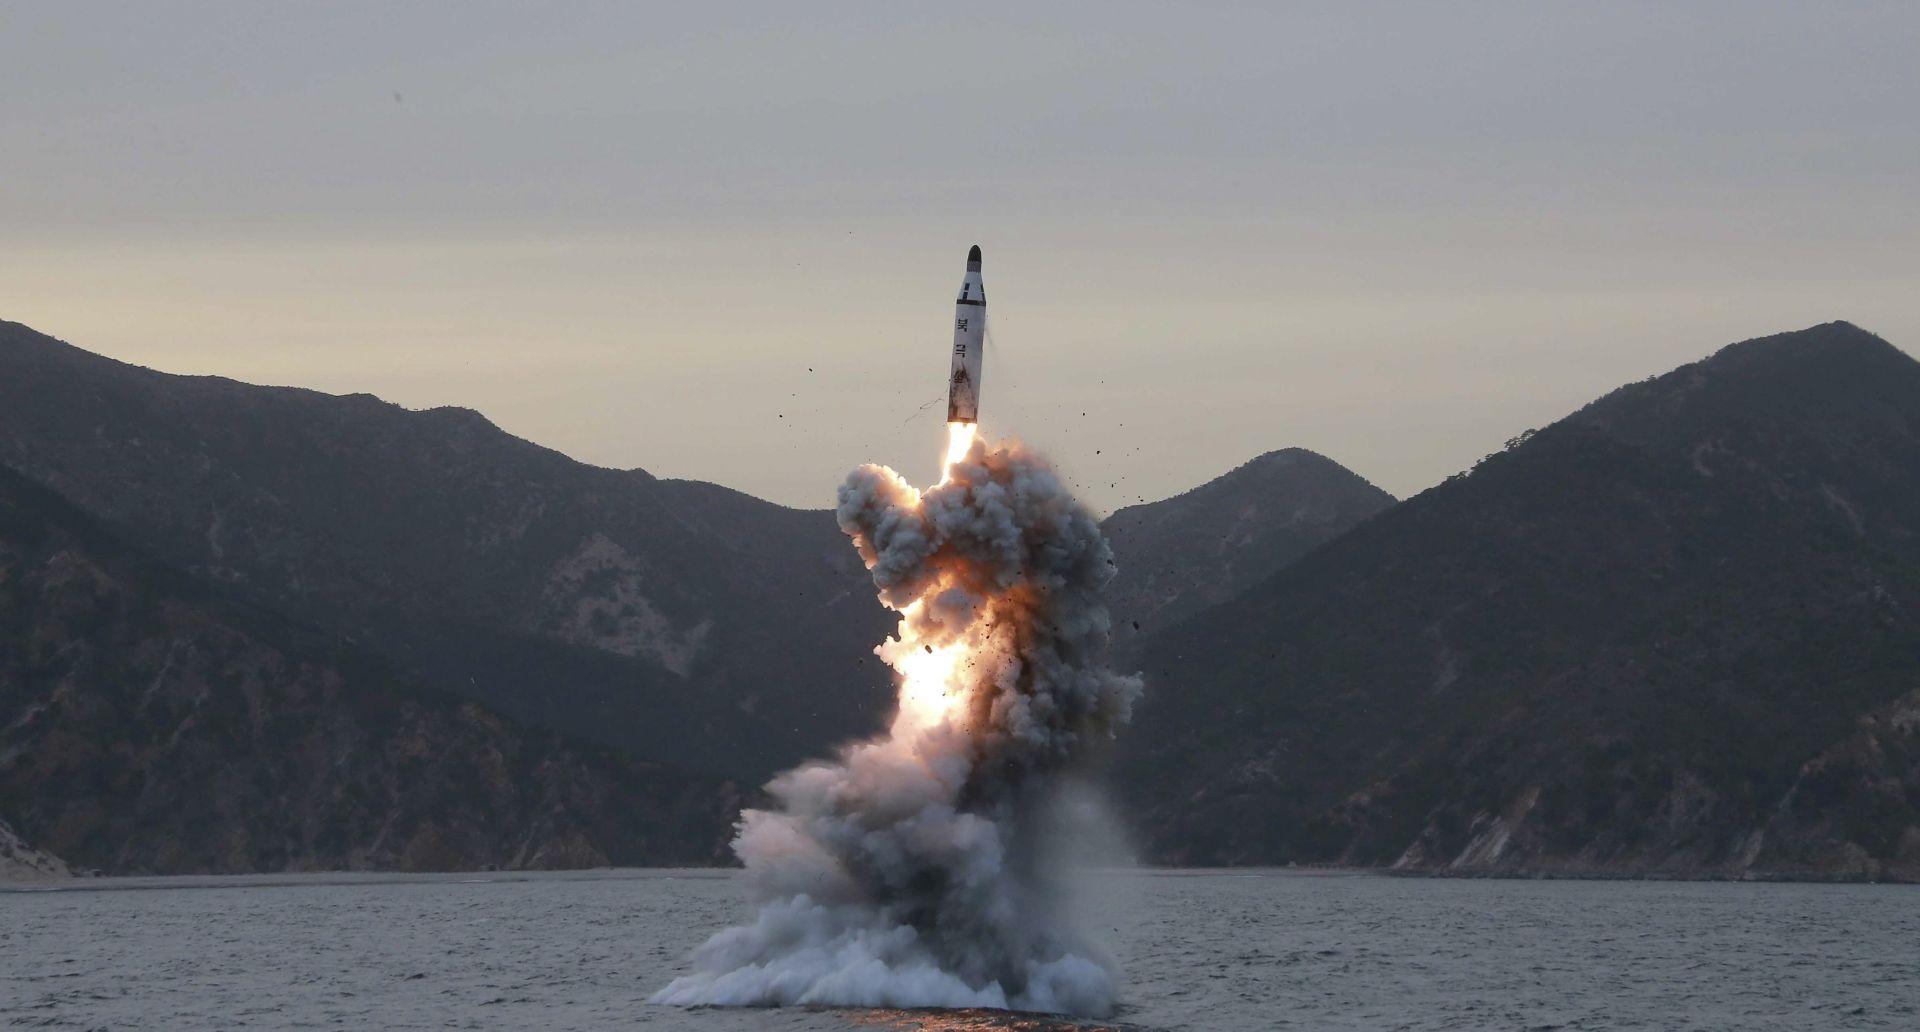 Sjeverna Koreja provocira projektilima dok traje summit G20